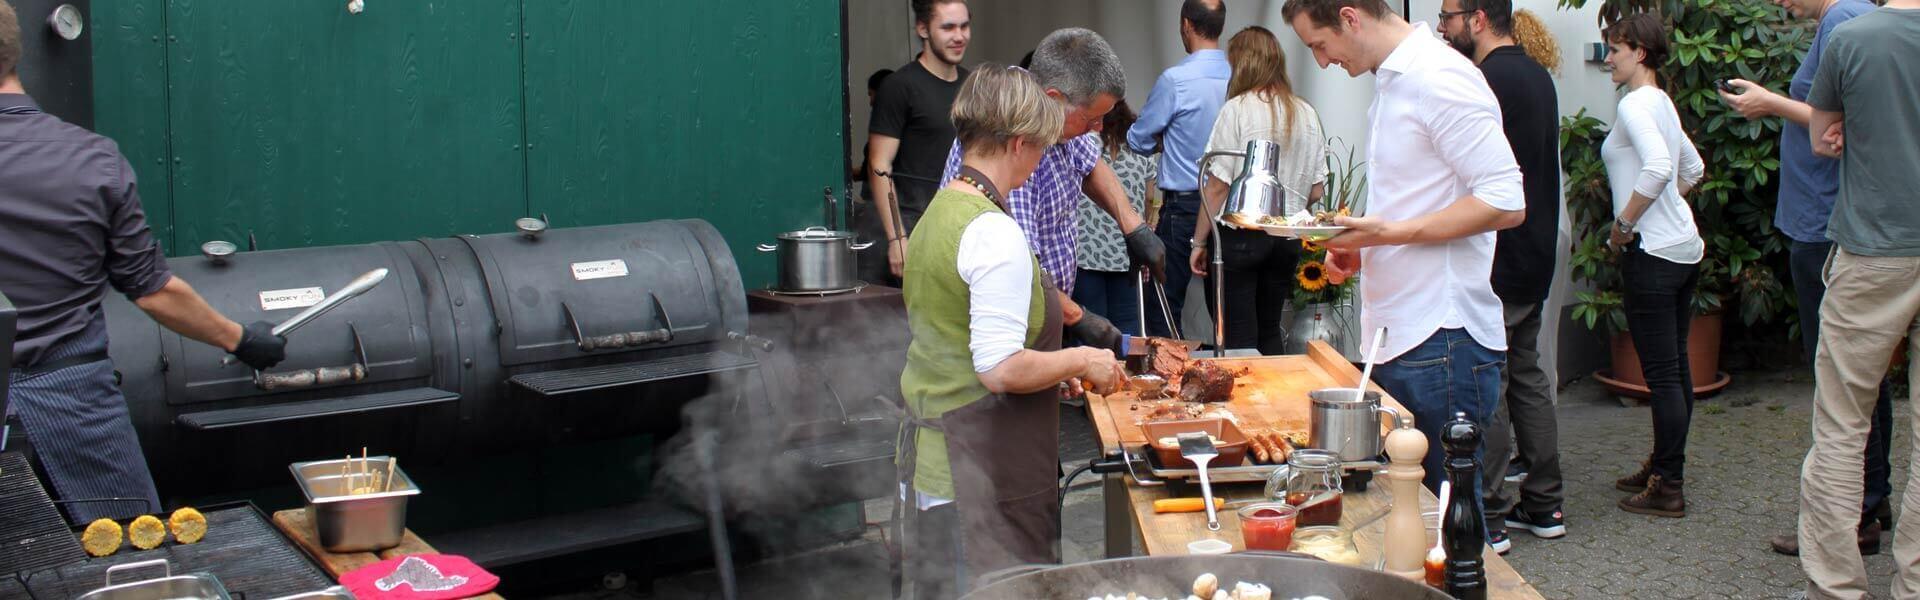 Ein hochwertiges BBQ Buffet beim Grillevent auf dem Bauernhofin der Firma